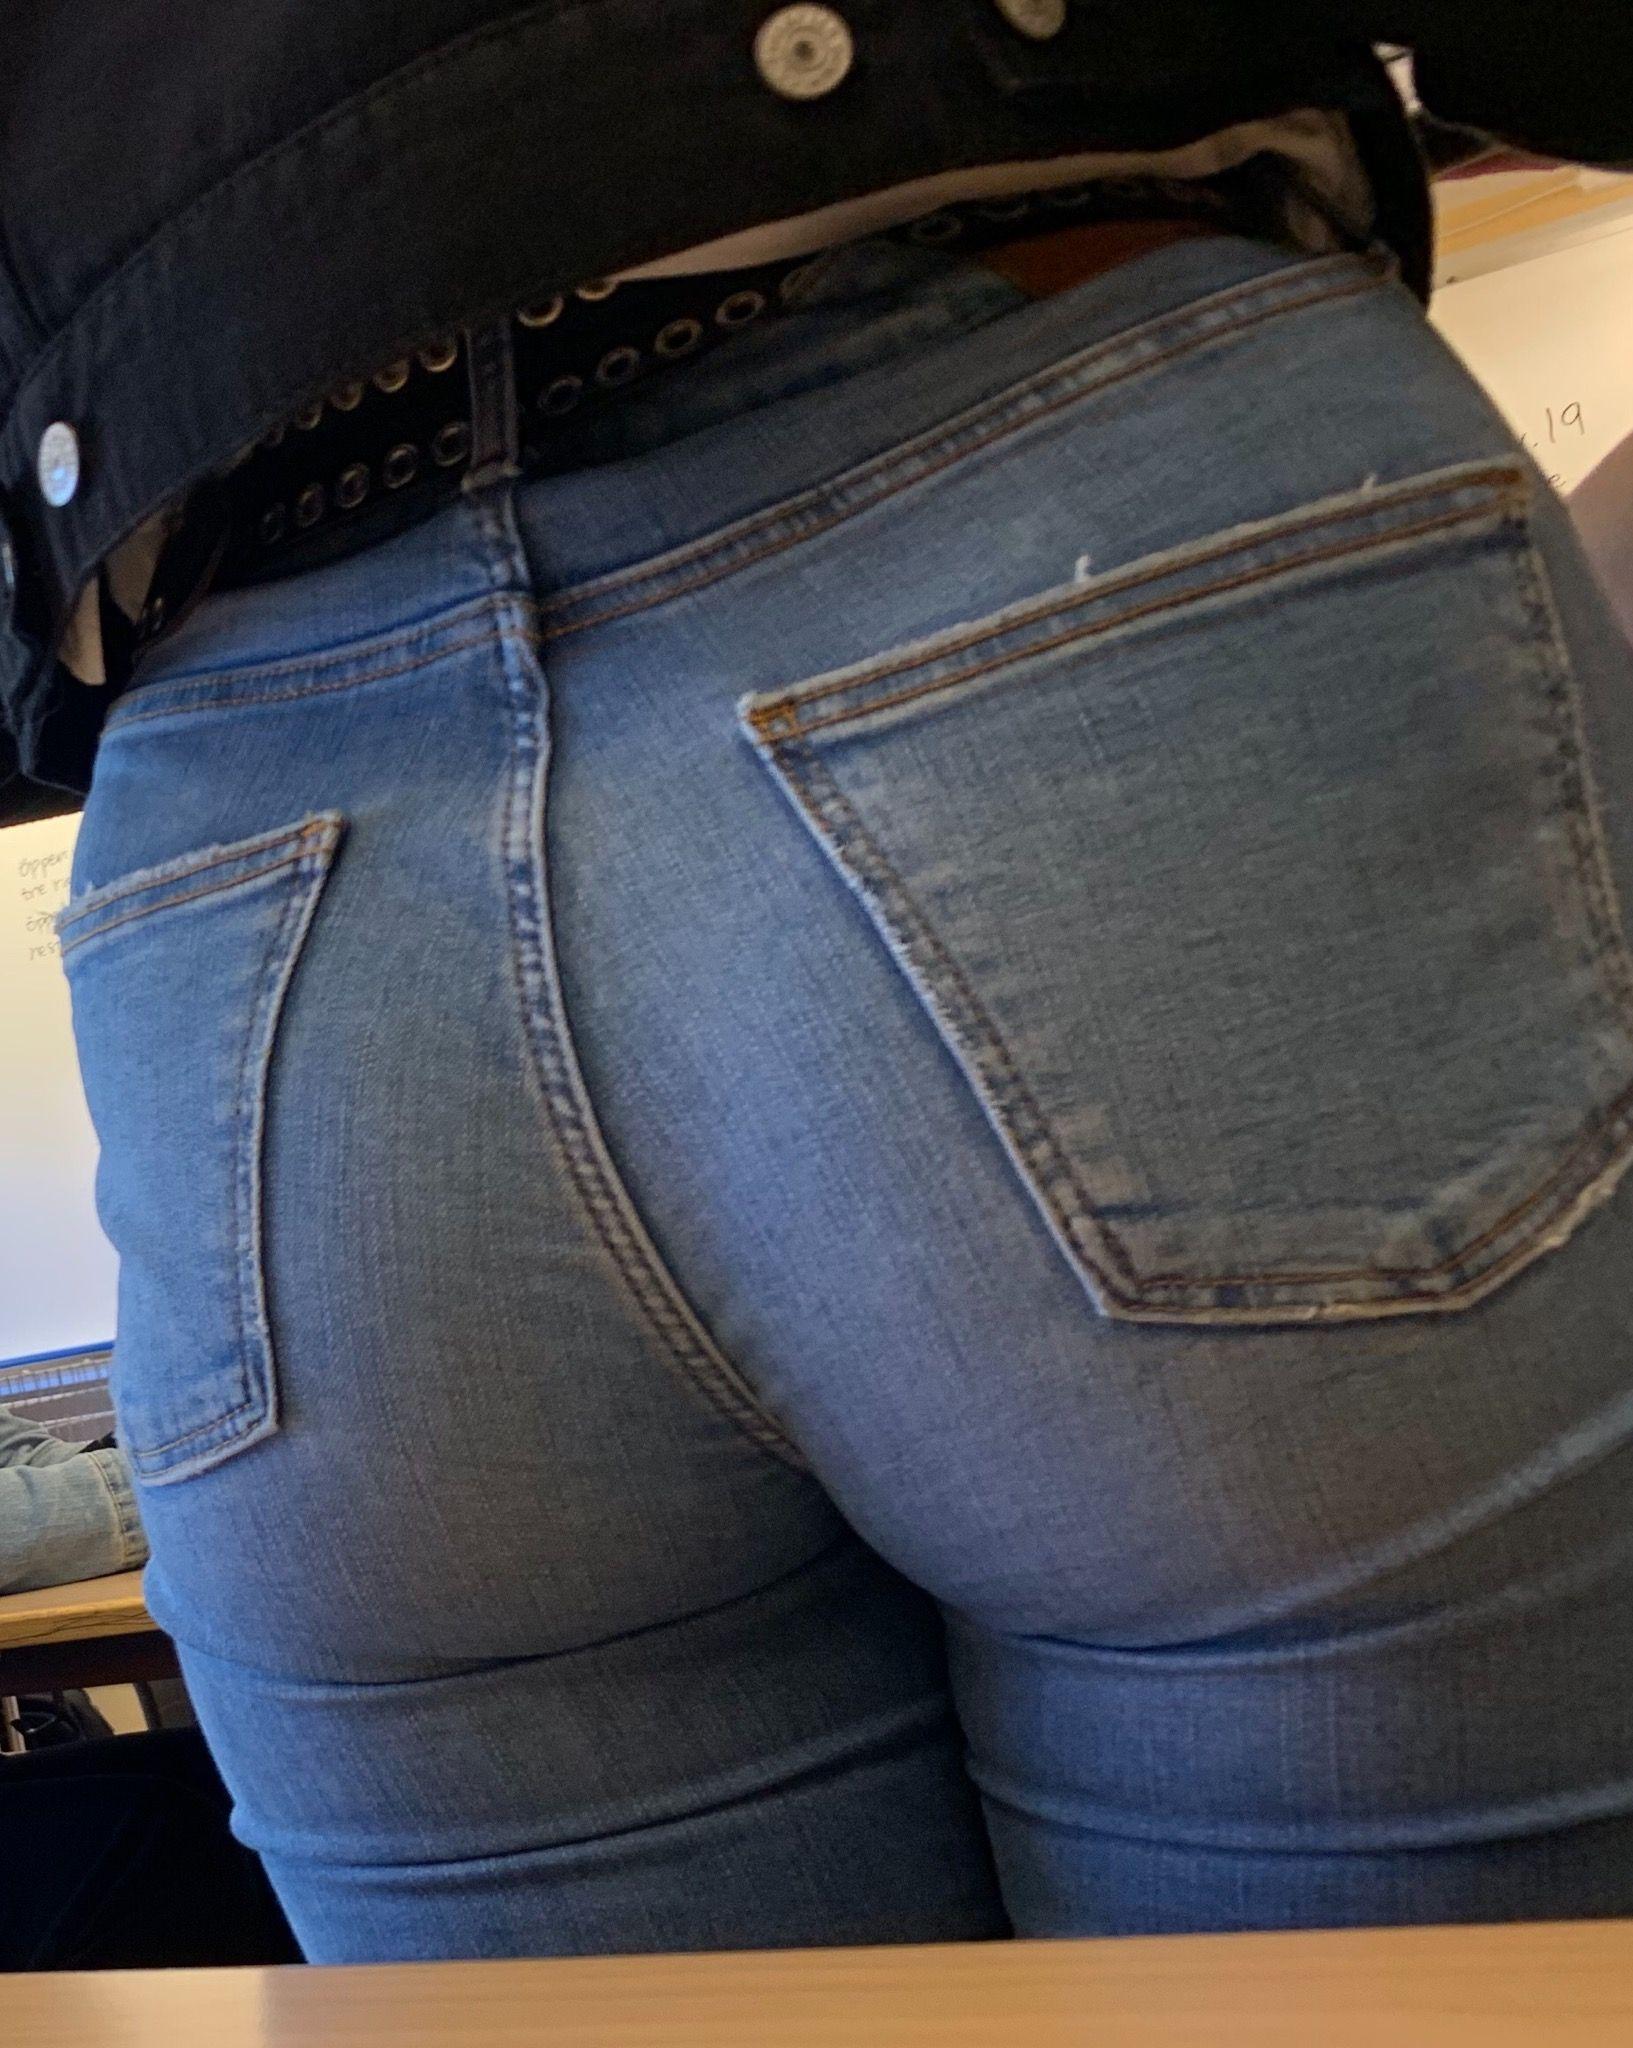 ass-jeans-video-watching-male-cun